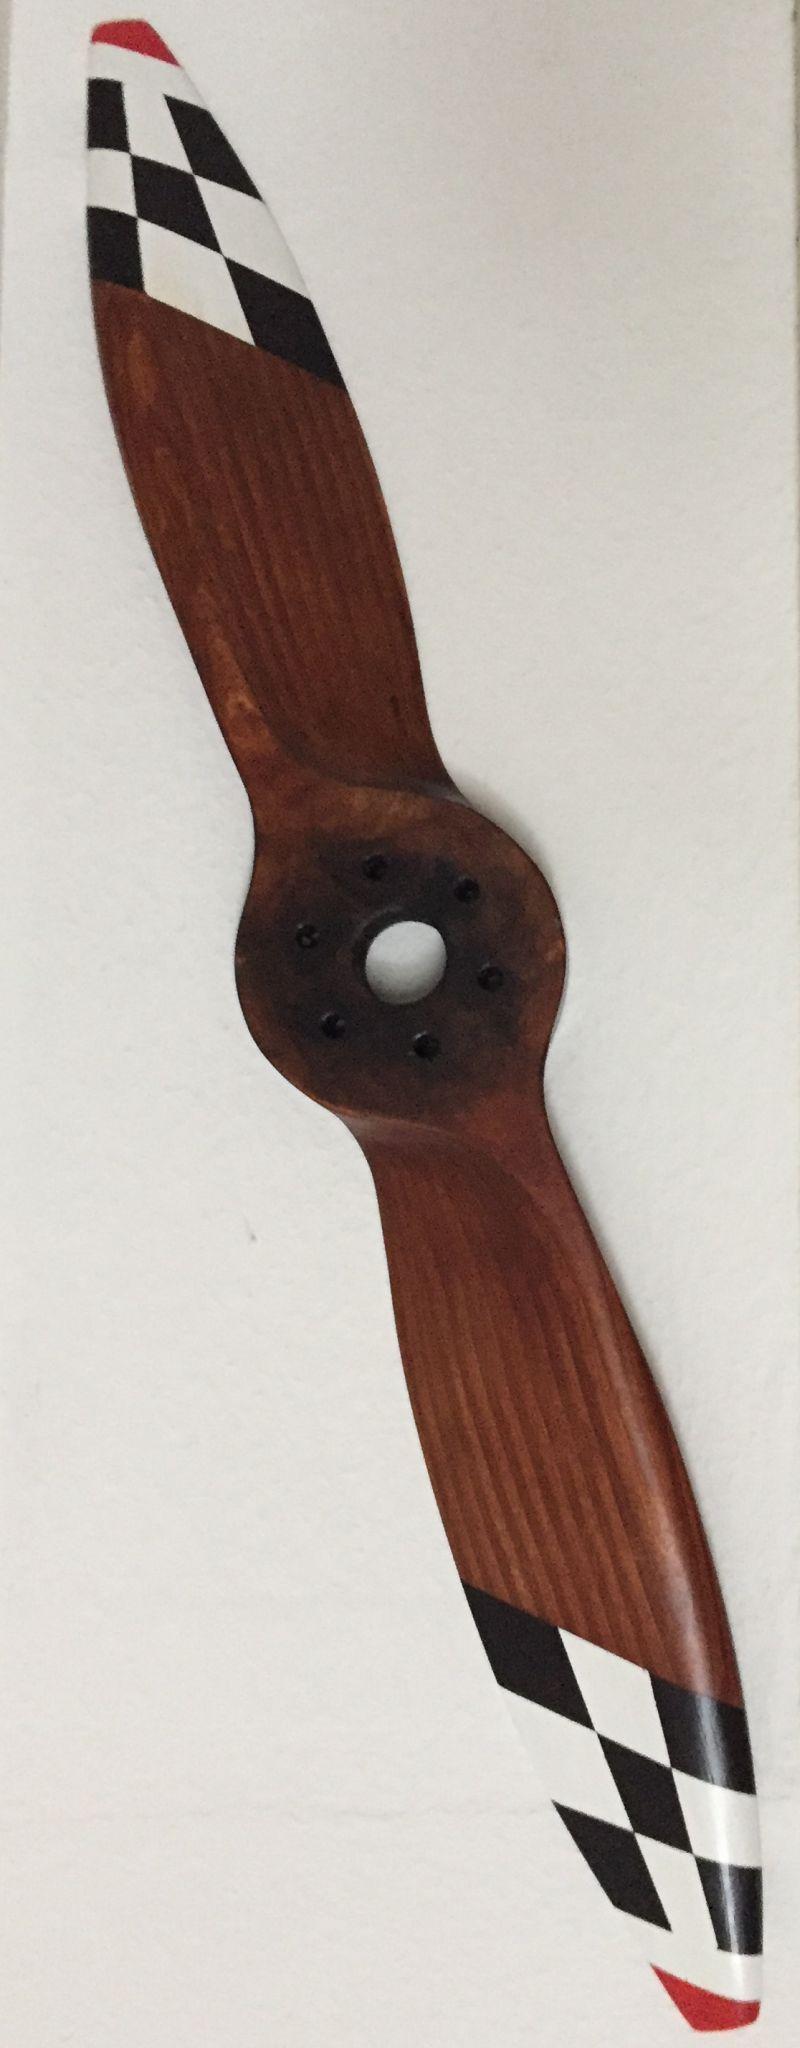 skulptur propeller 2, usedlook